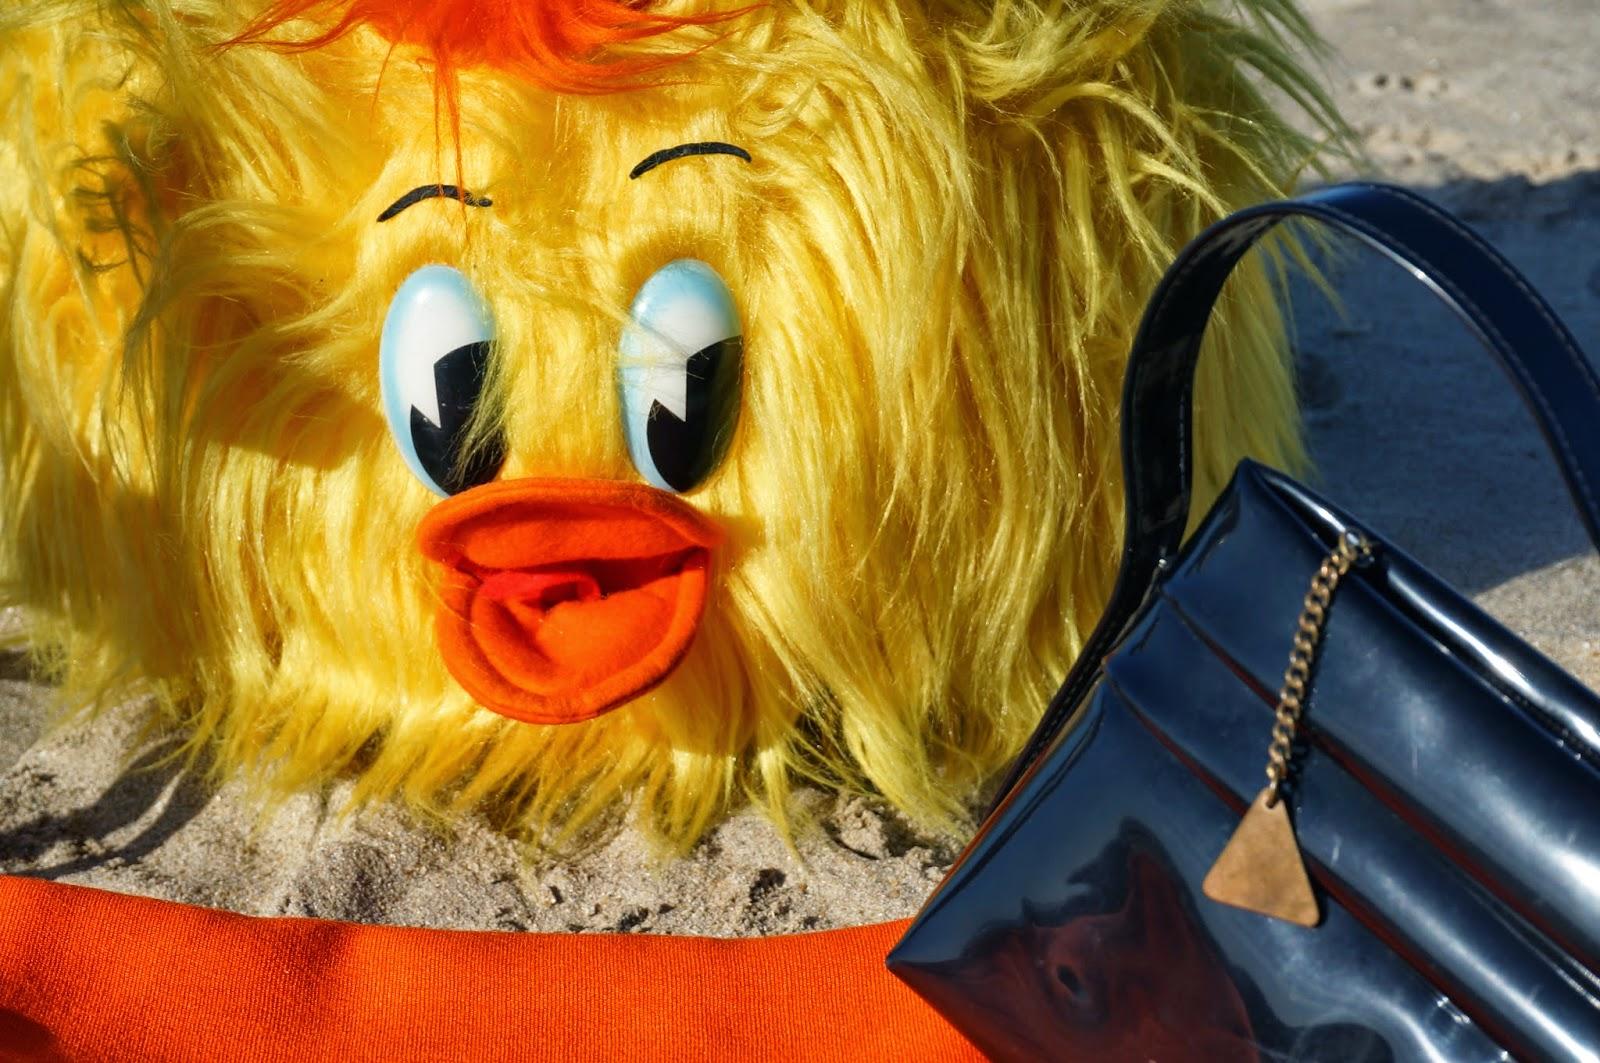 Une biche glitter glam  Un pouf poilu  une tasse grumeleuse  un plateau Edery de Préfontaines  du tissu orange  un sac en vinyl vintage brocante yard sale car boot sales glook plush 1960 1970 60s 70s